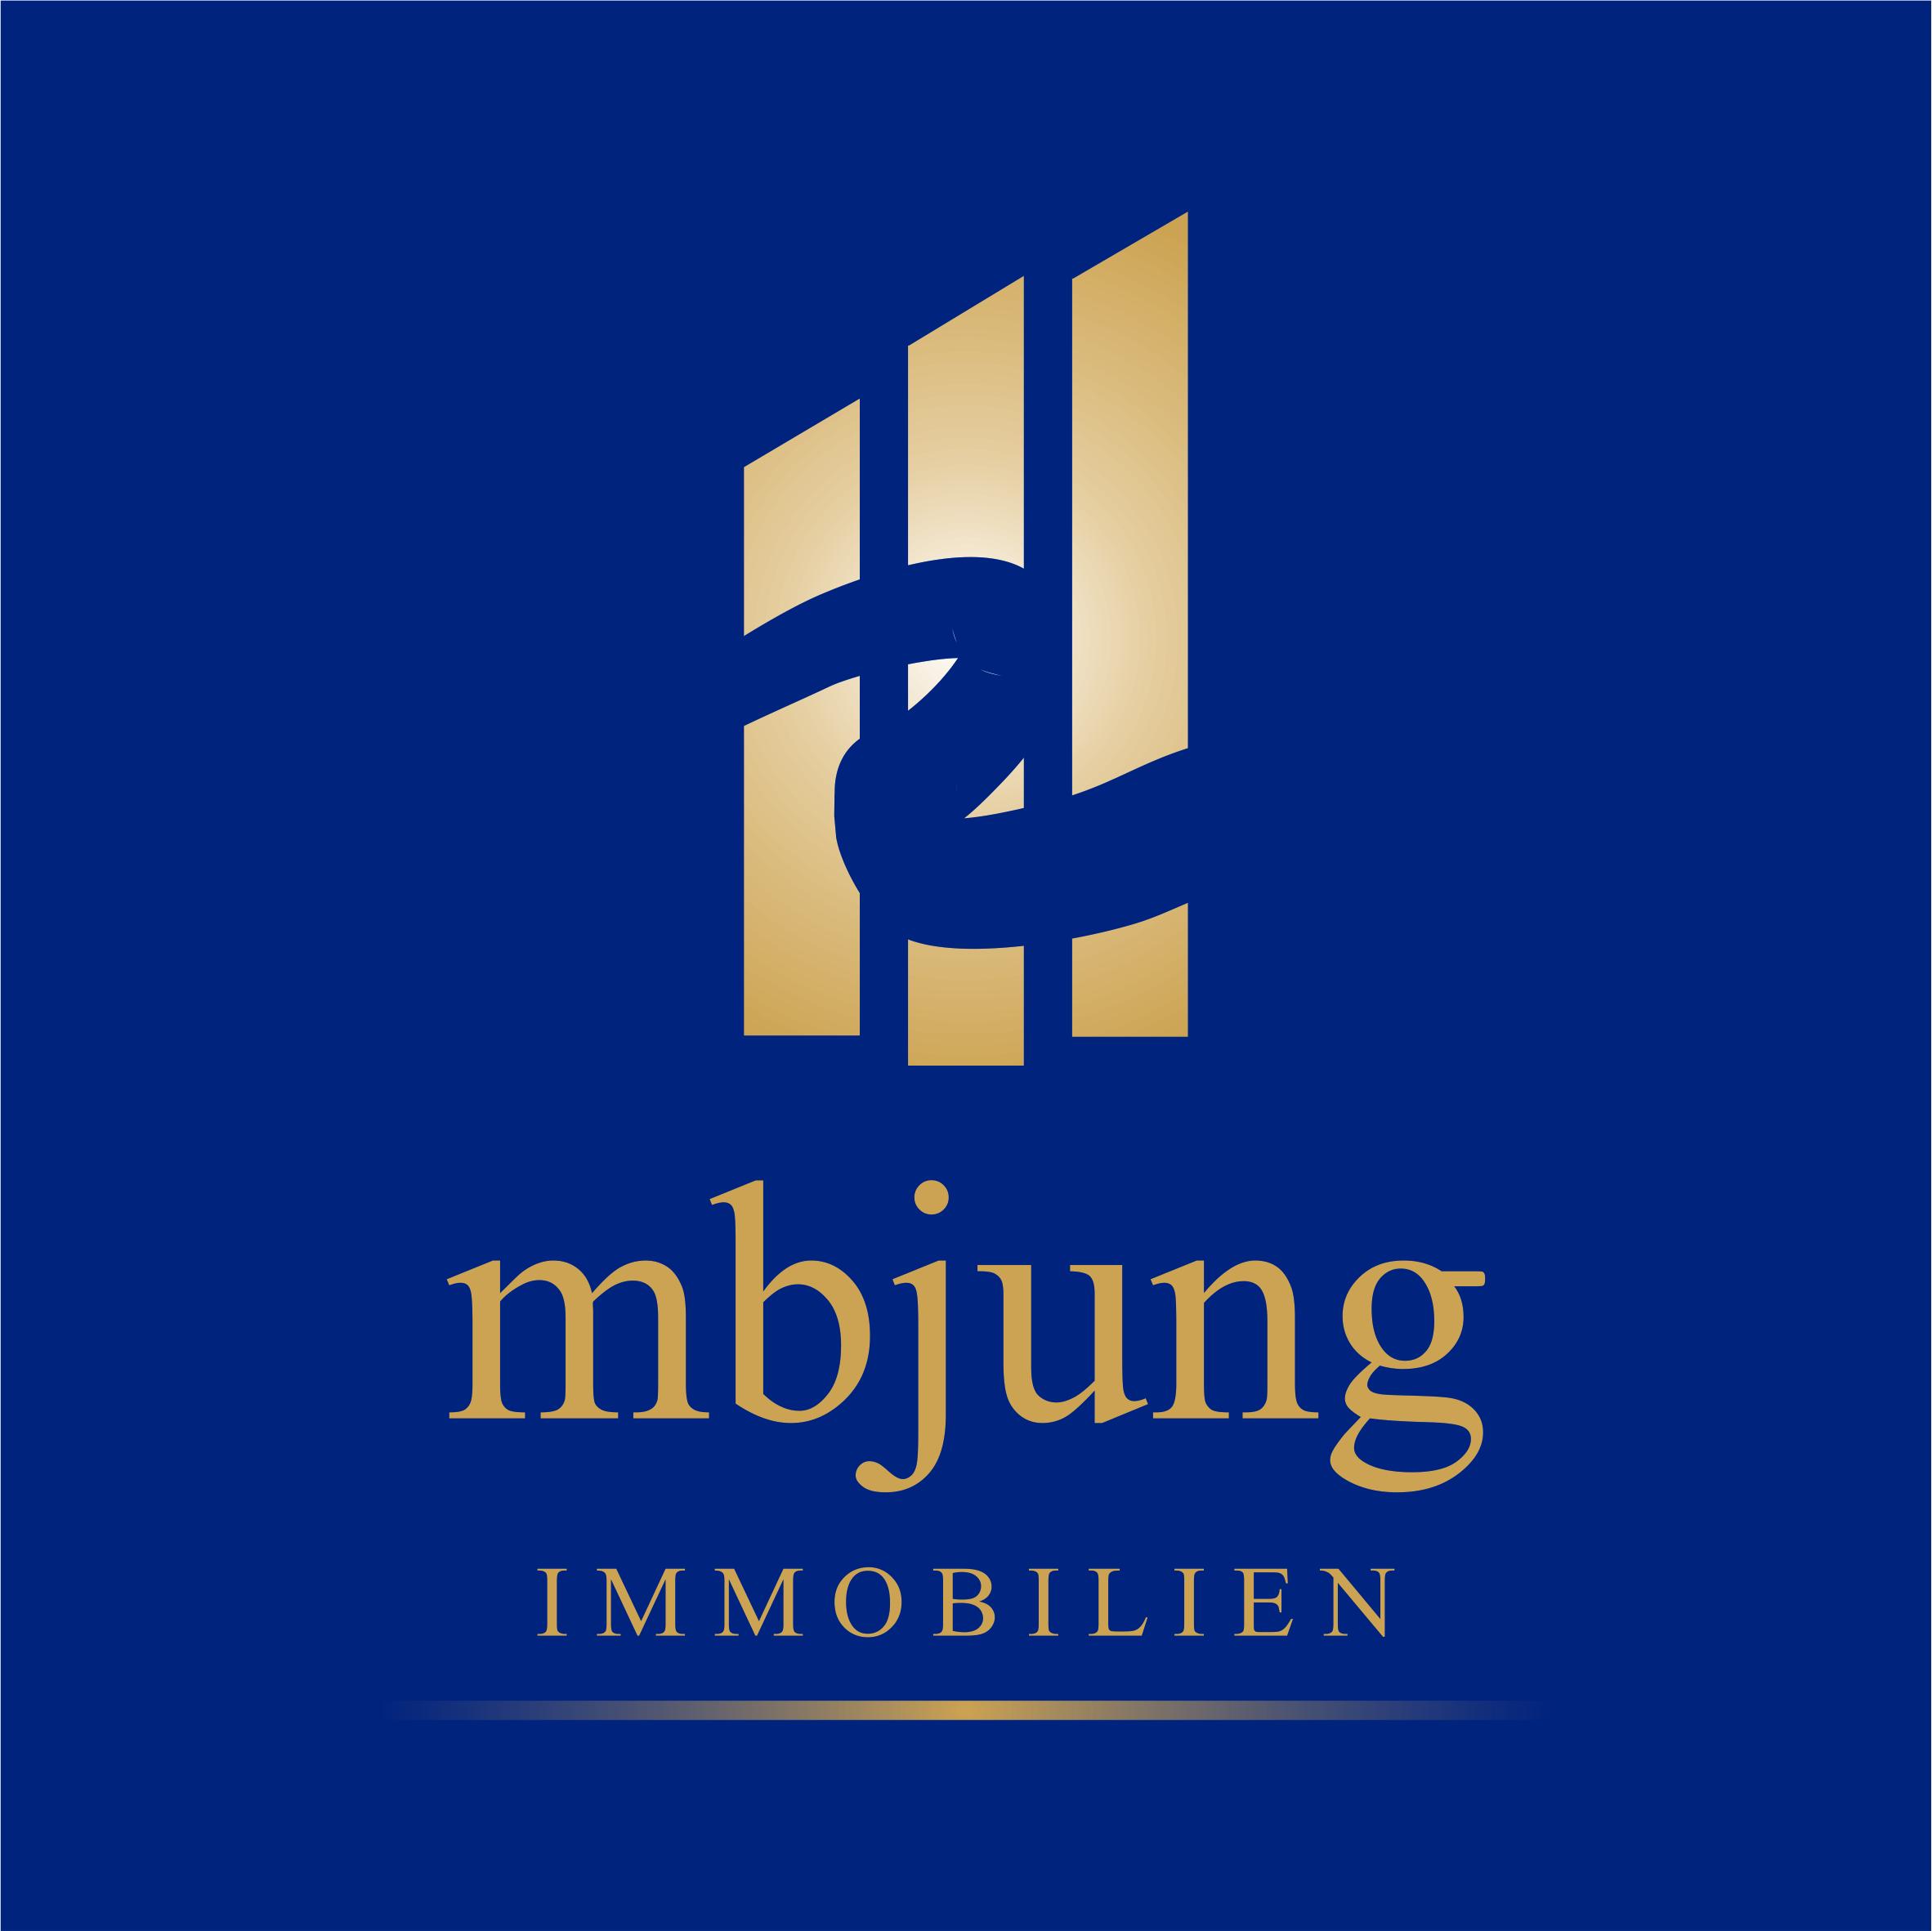 Hier sehen Sie das Logo von mbjung - Immobilien